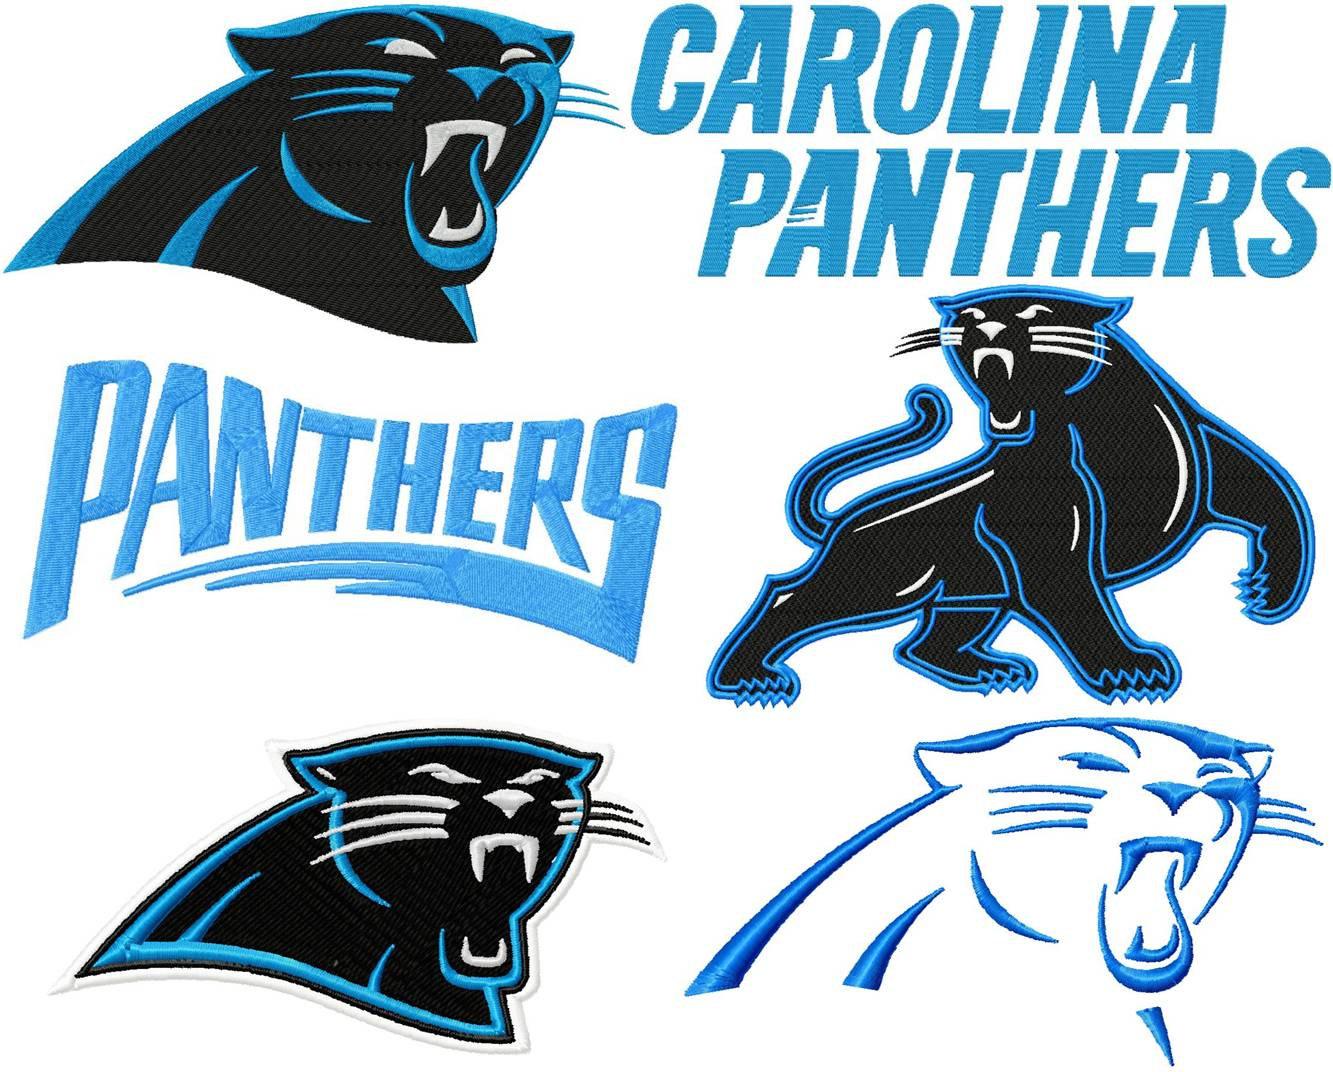 Panther logos clipart freeuse Panther Logos | Free download best Panther Logos on ... freeuse